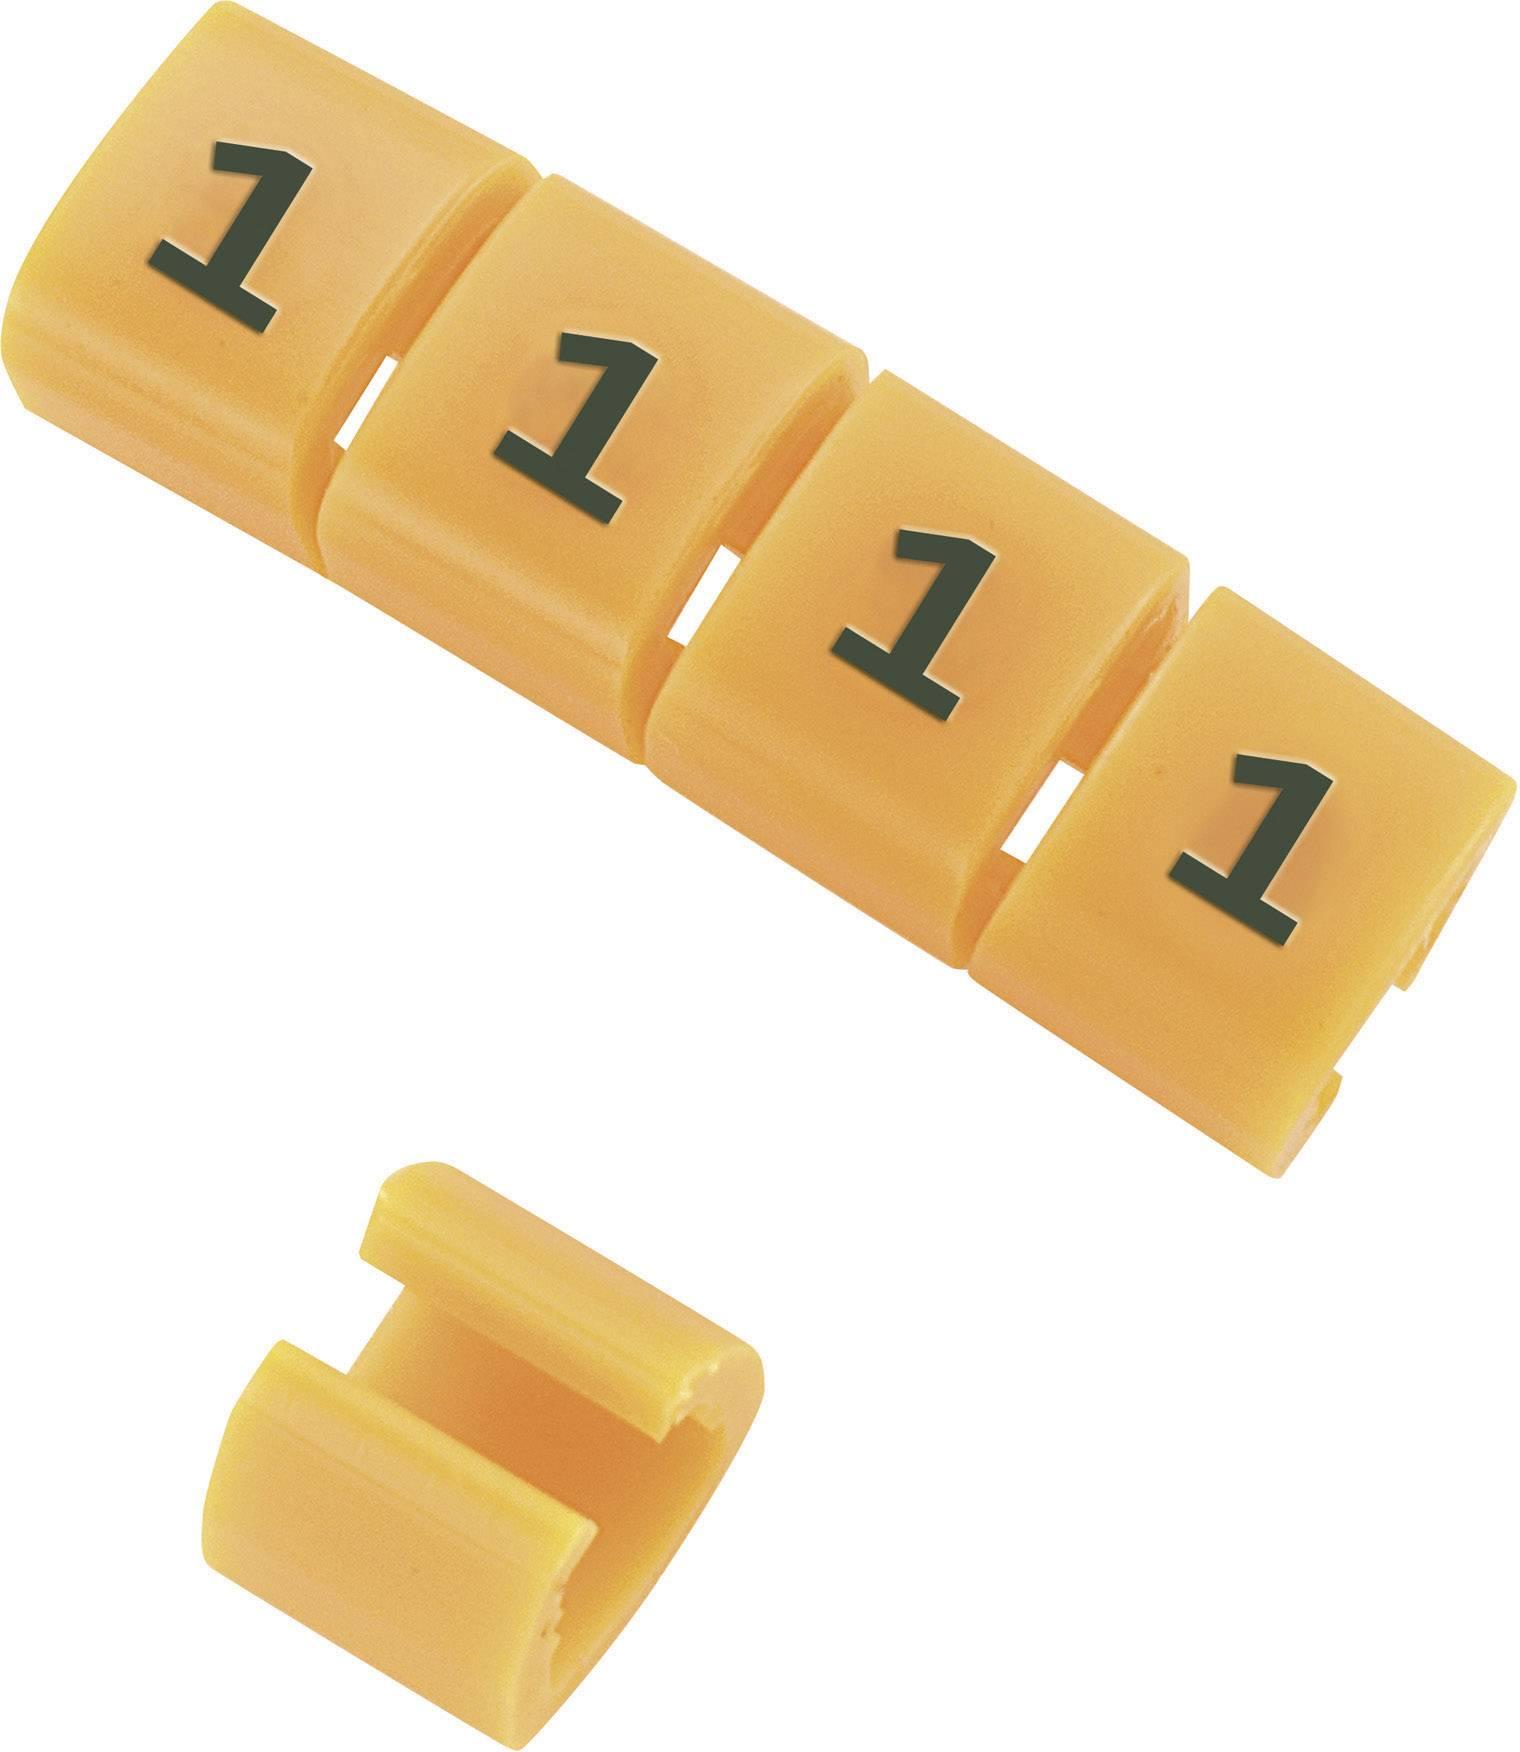 Označovacie objímka na káble KSS MB1/7, oranžová, 10 ks